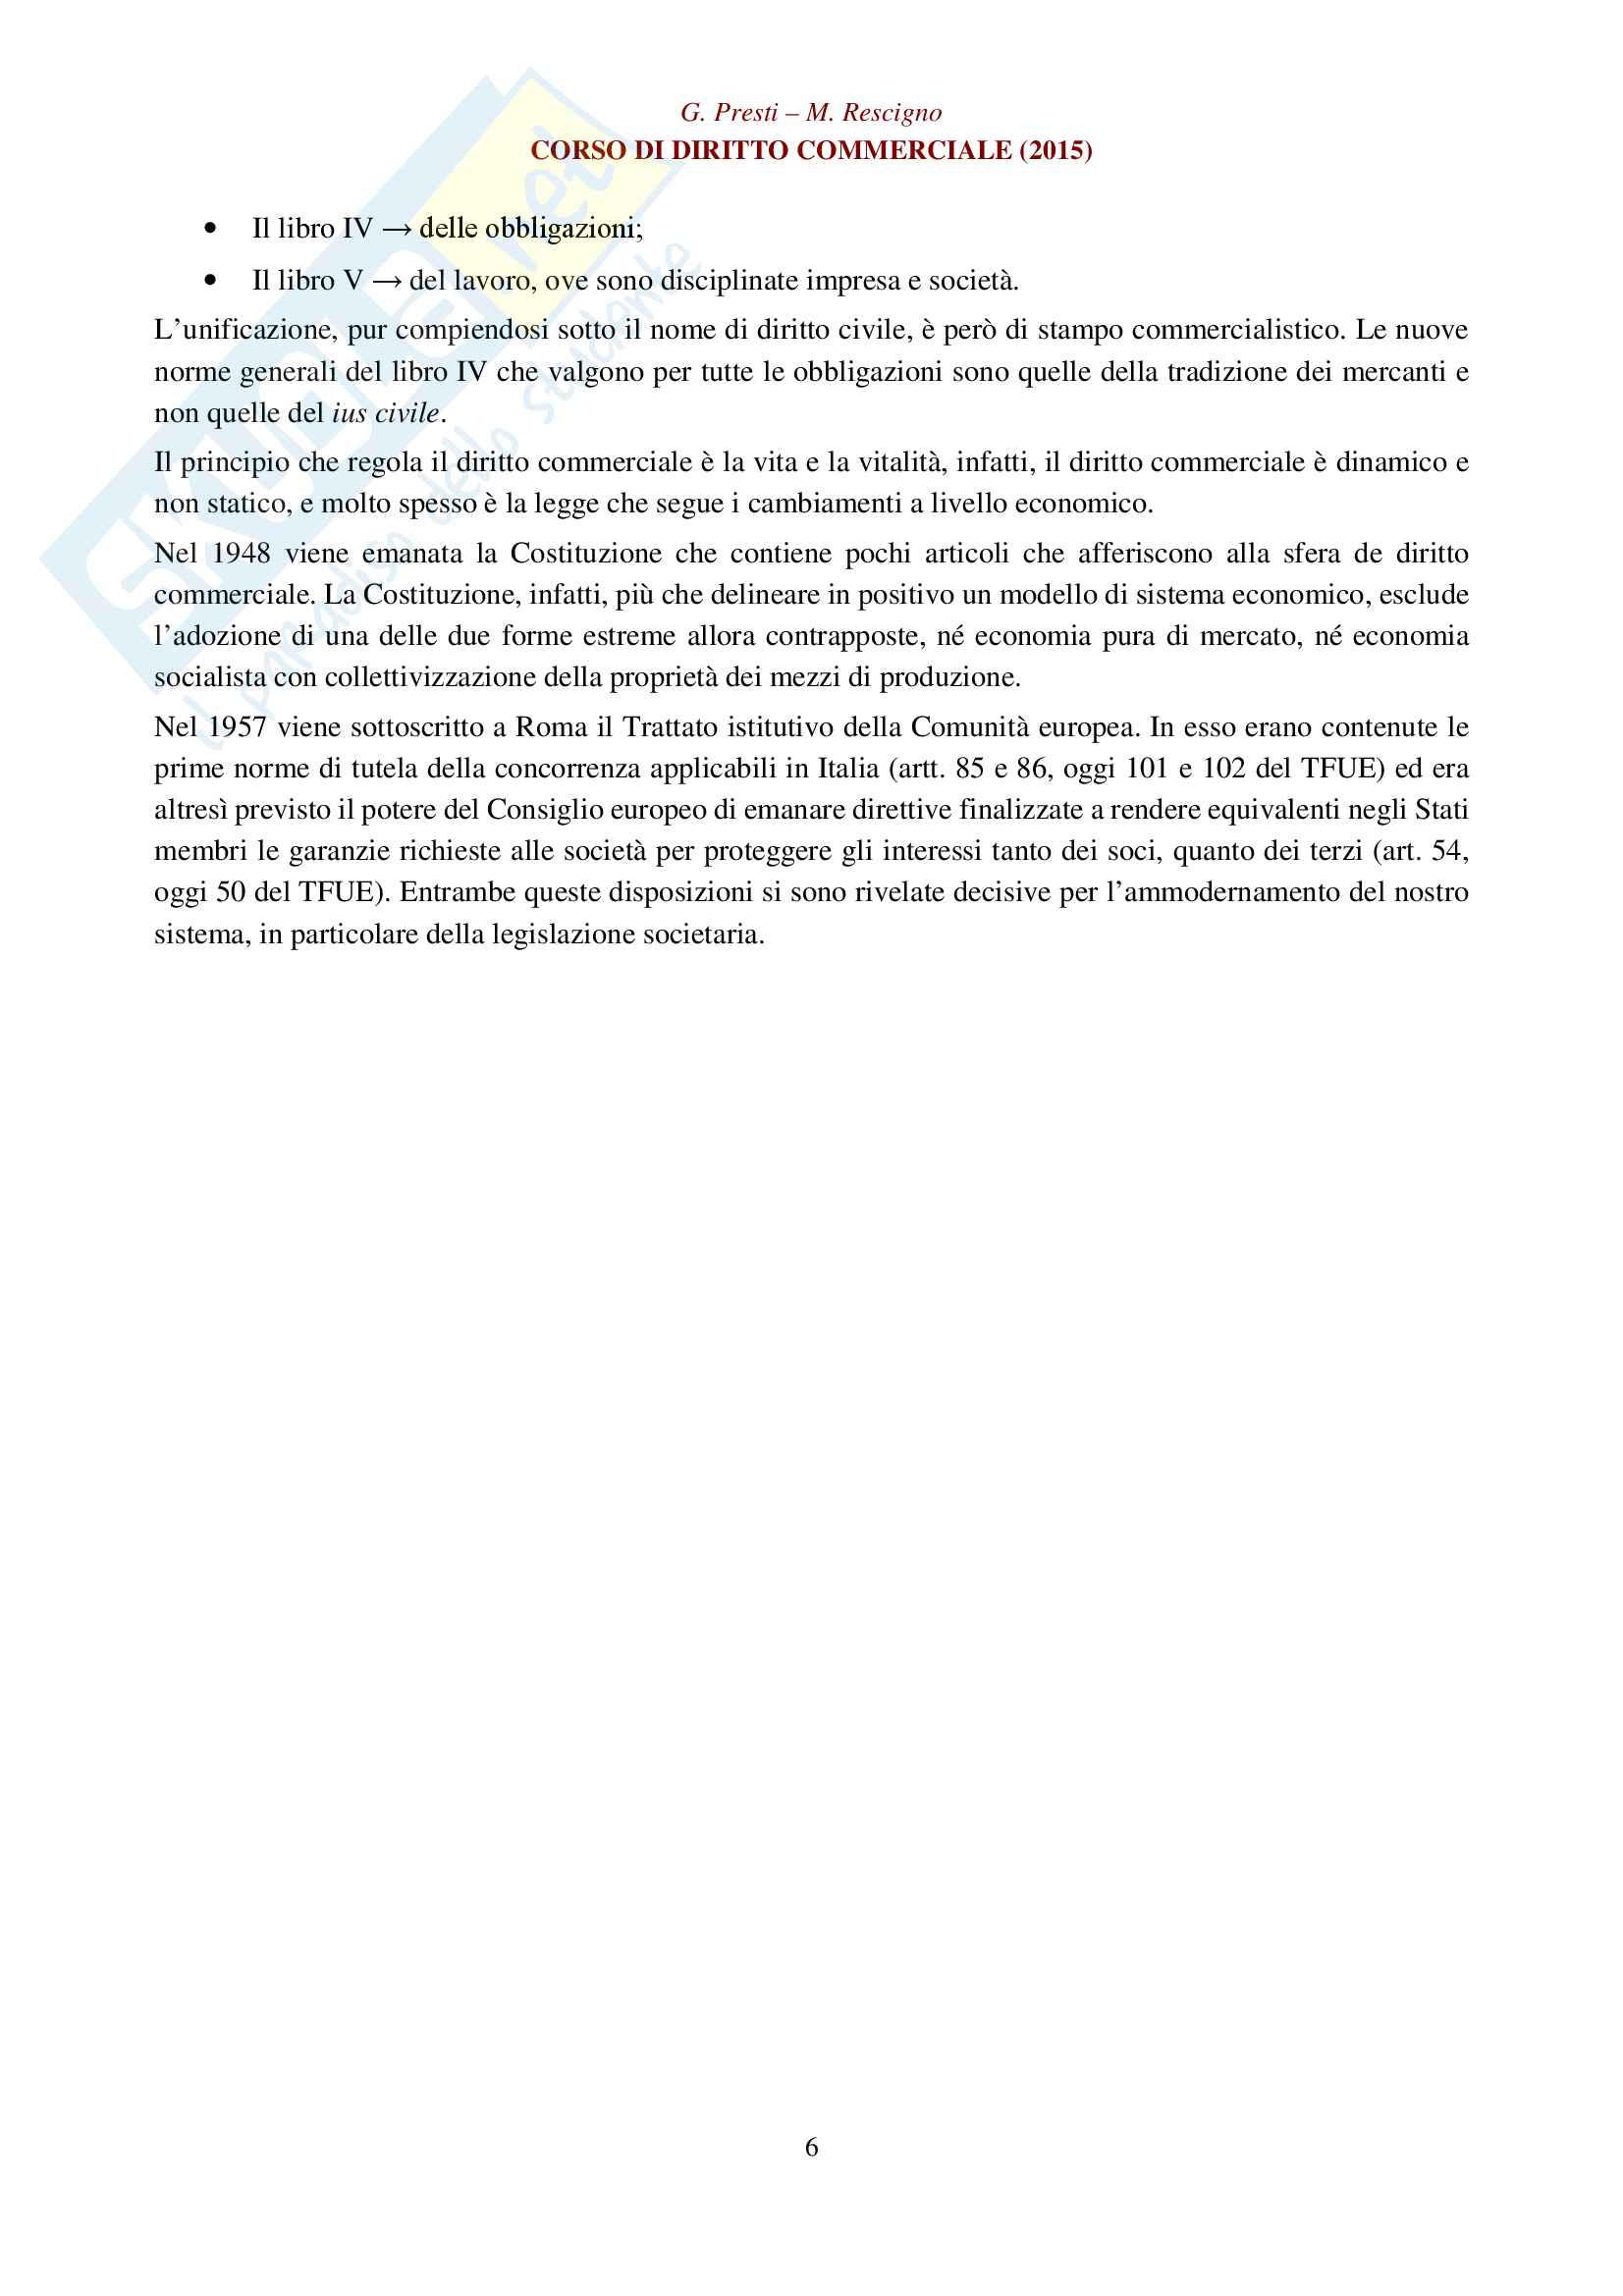 Appunti per esame di diritto commerciale: impresa, imprenditore e azienda Pag. 6